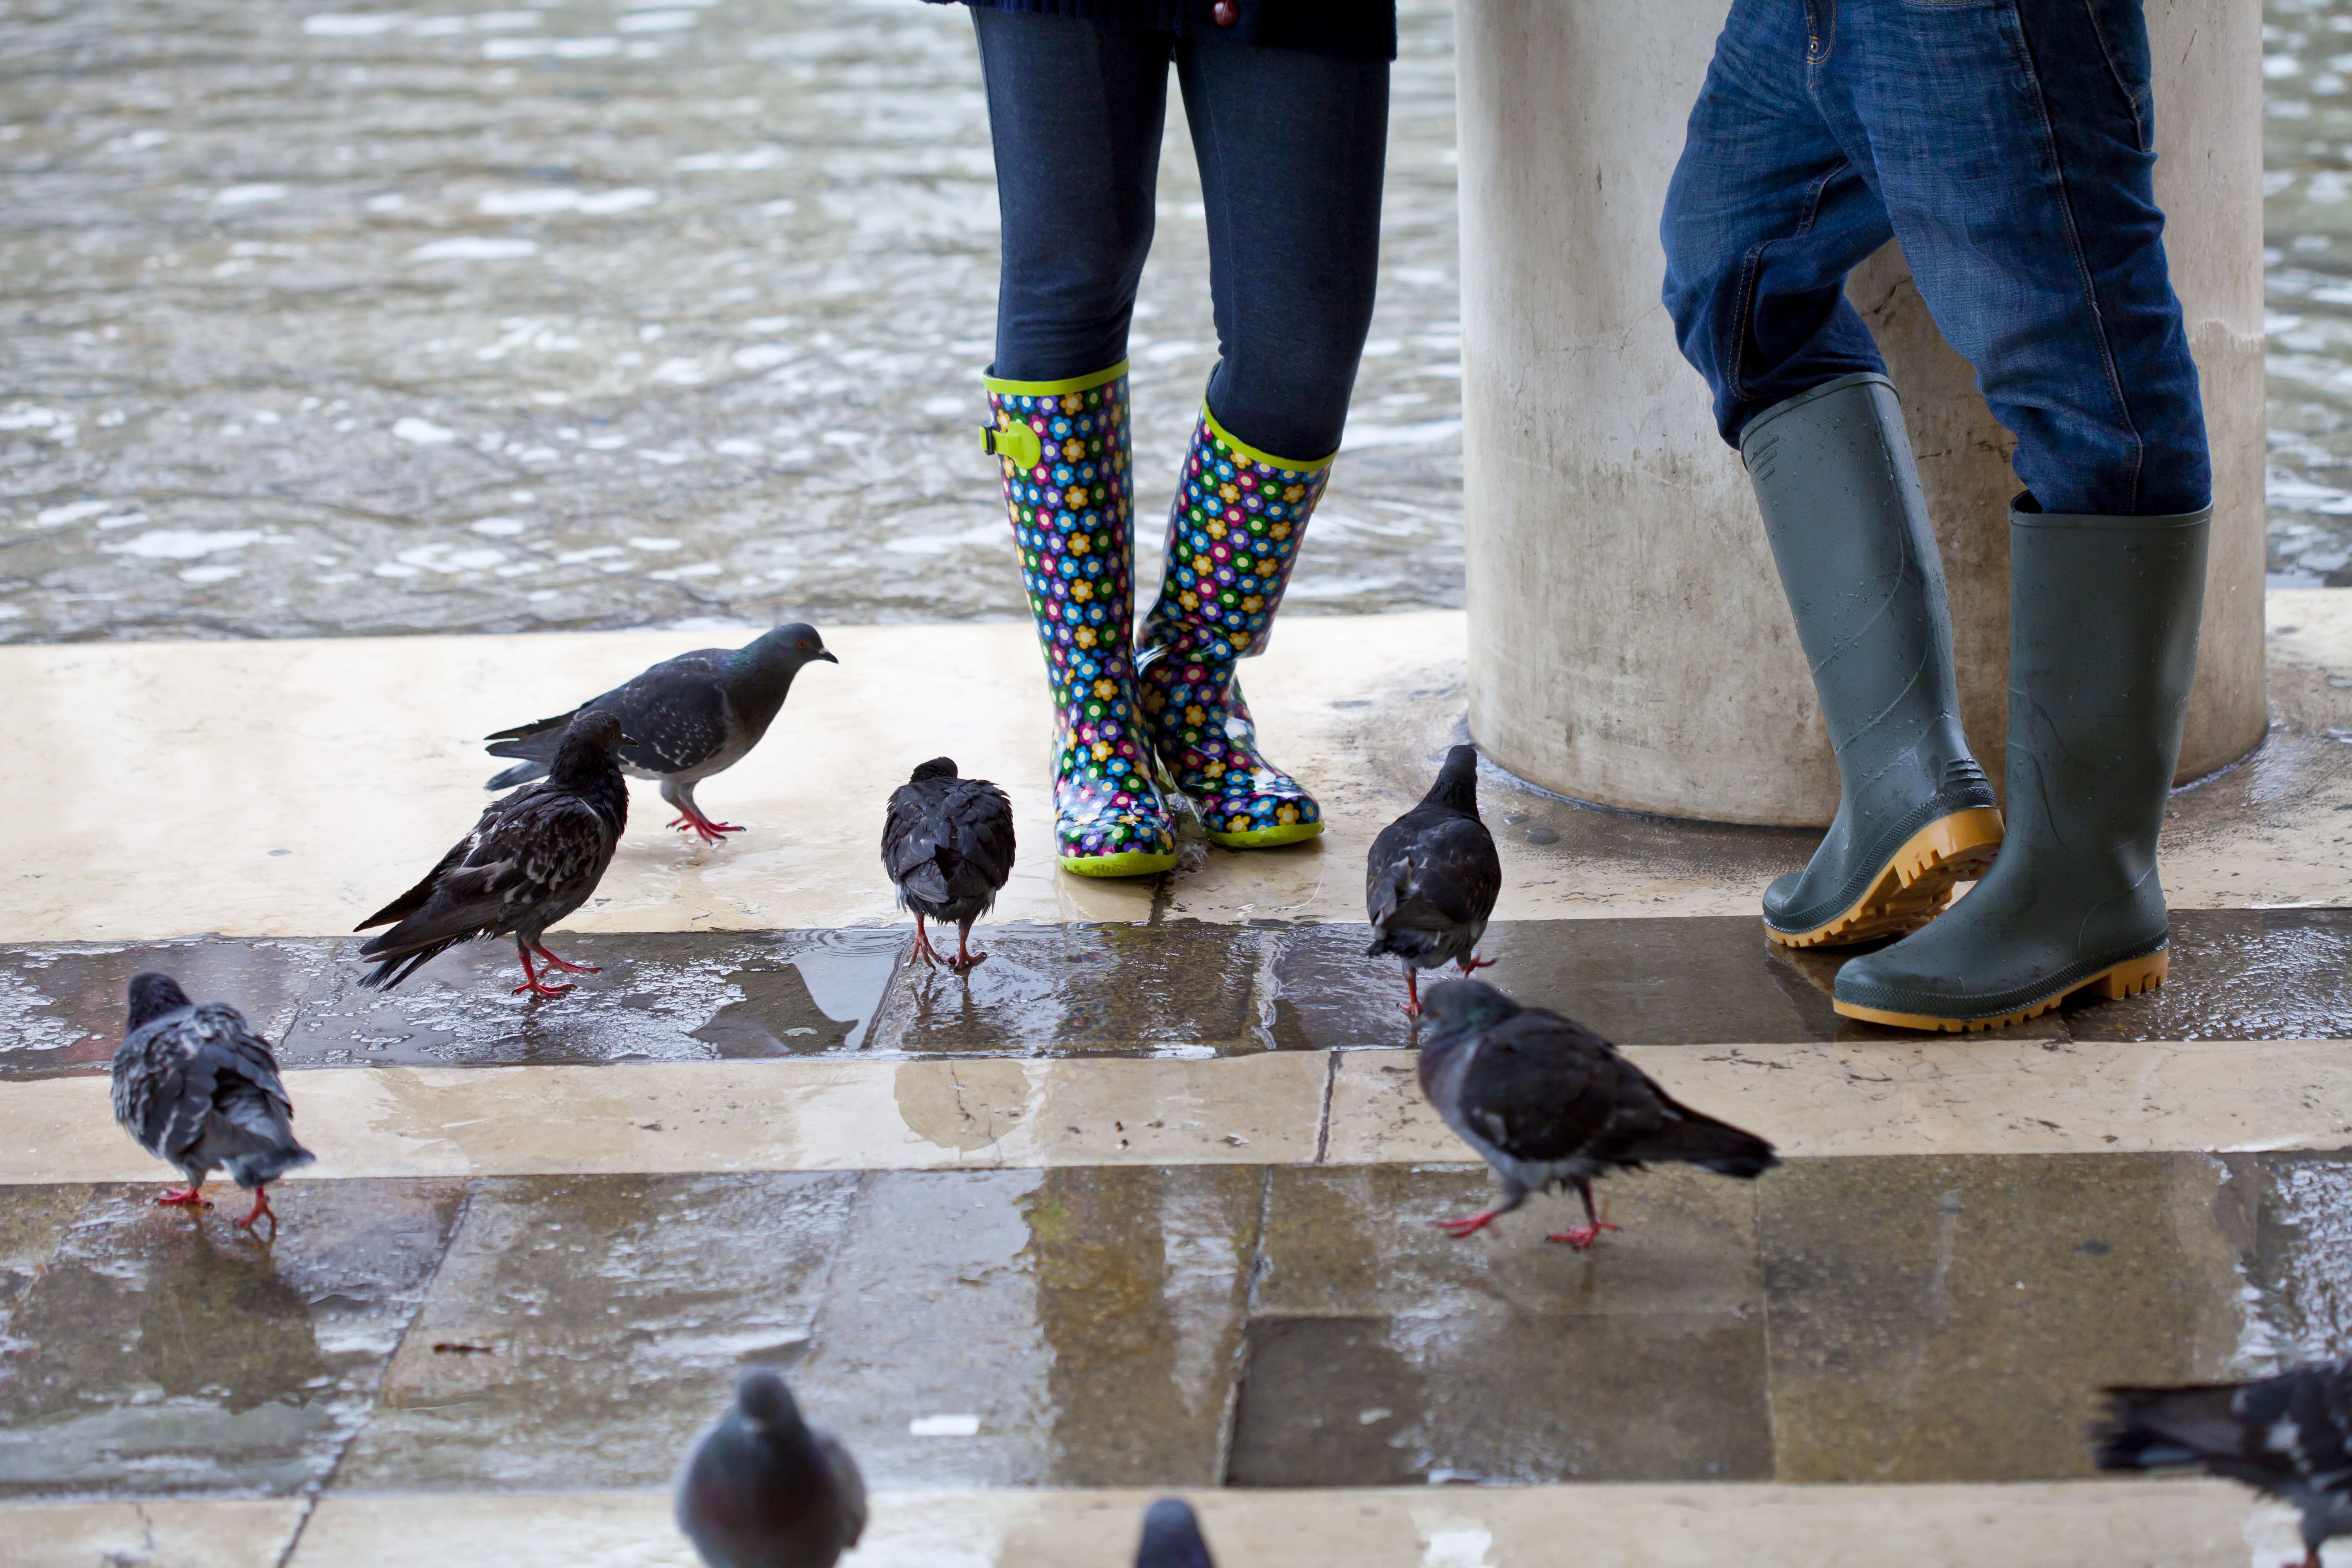 Ponte las botas de agua y pasea por San Marcos - Italia Circuito Italia: de Venecia a Roma